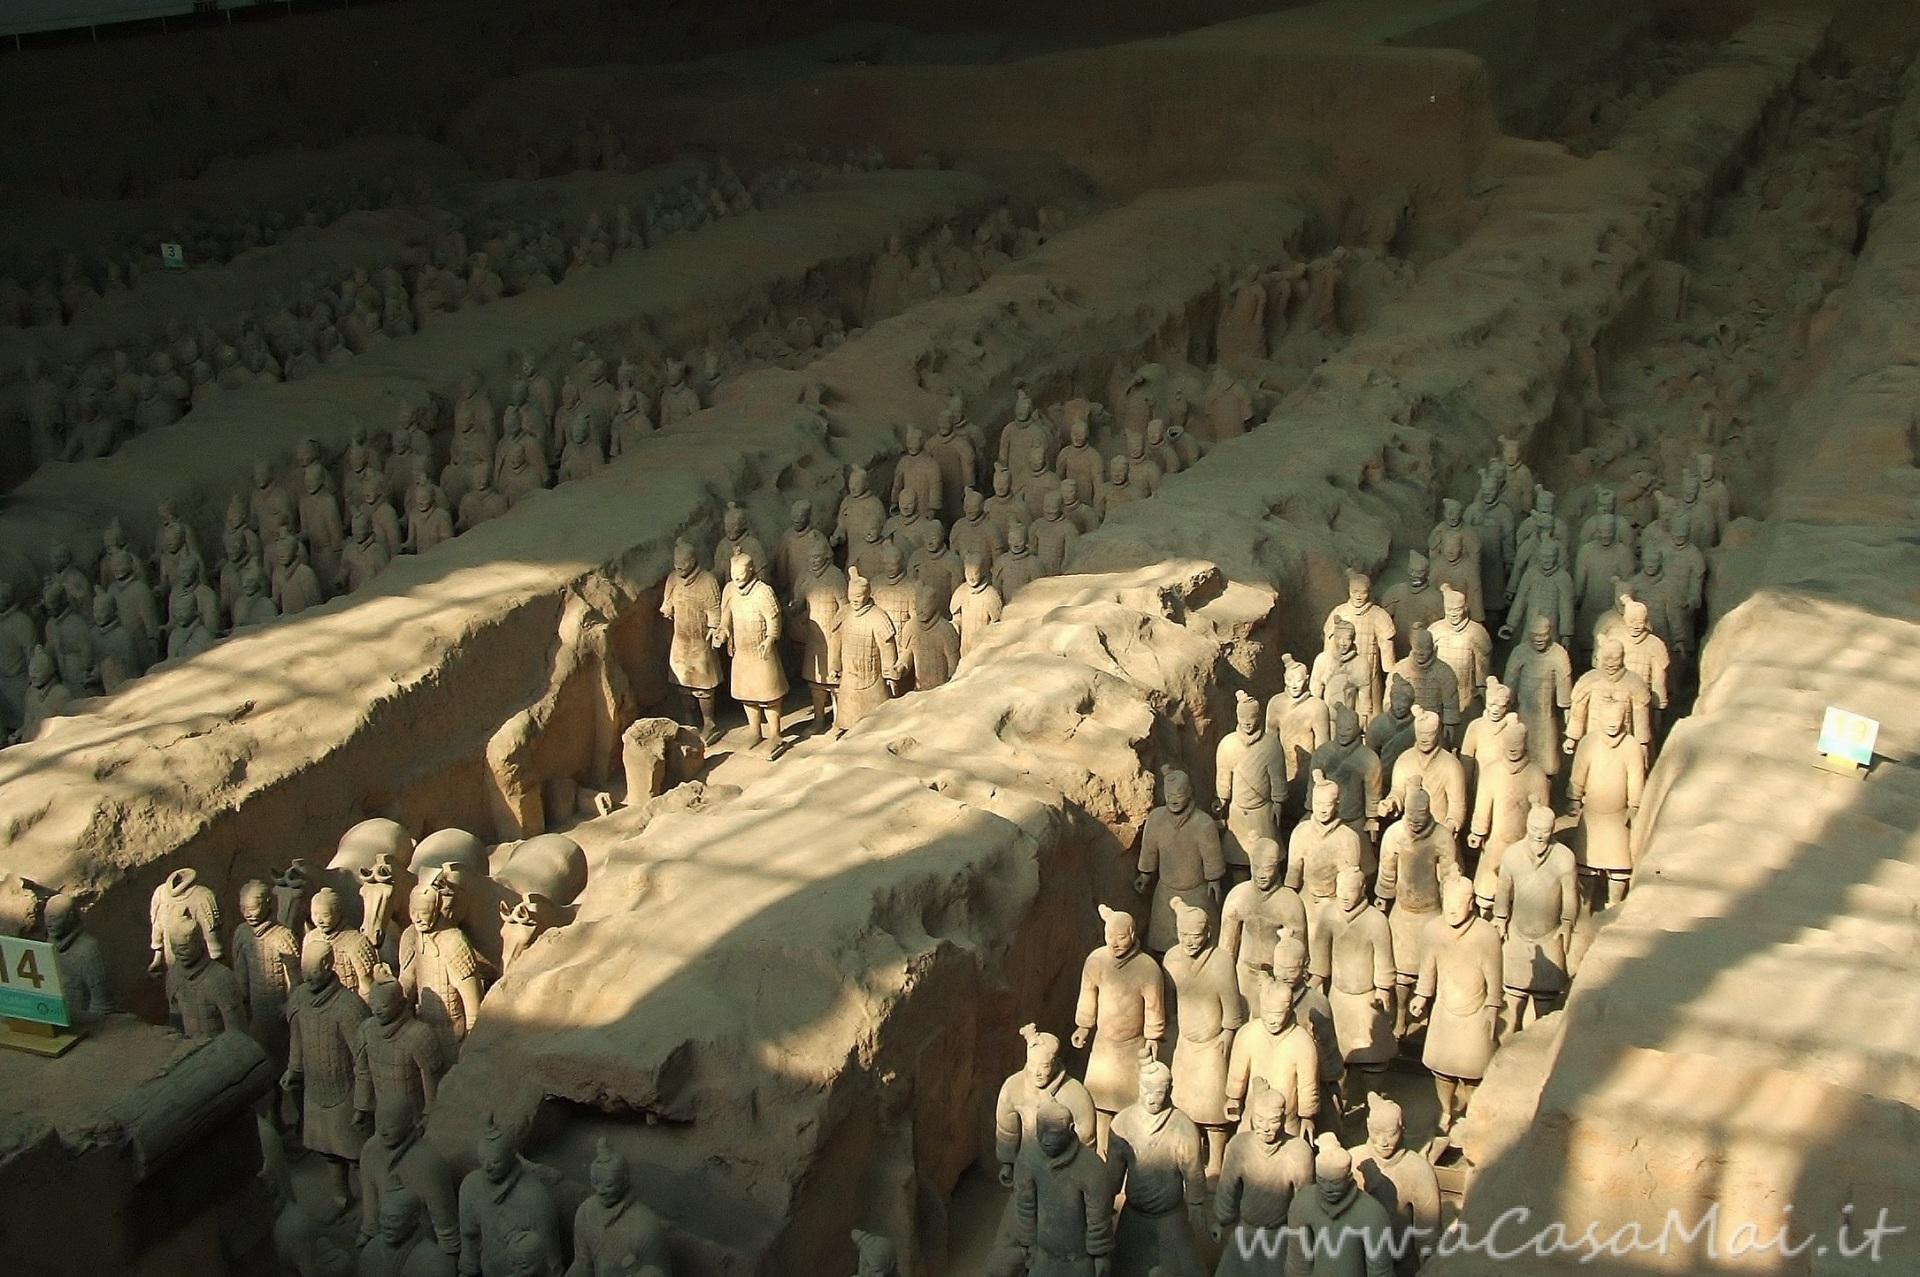 """vista dal """"balcone"""" sull'esercito di terracotta, Xi'An"""